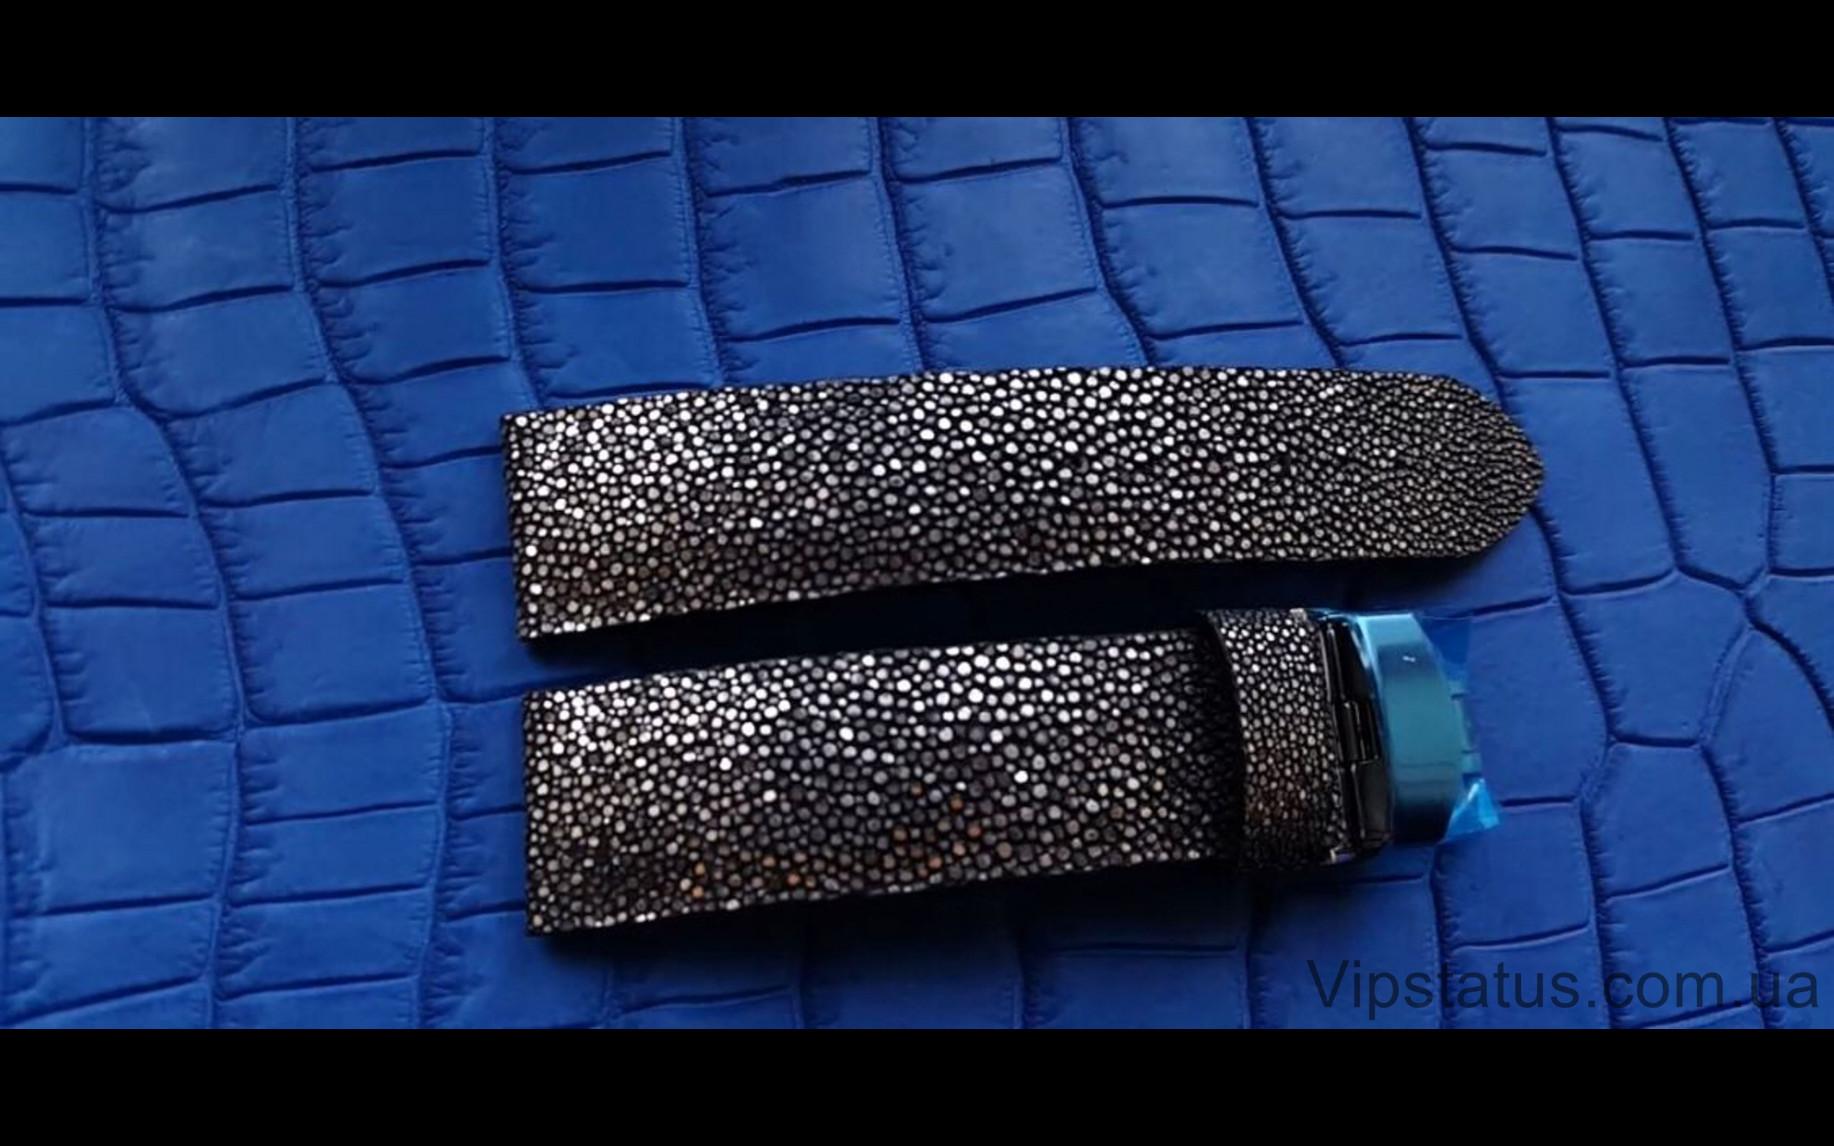 Элитный Лакшери ремешок для часов Silver Metallic кожа ската Эксклюзивный ремешок для часов Silver Metallic из кожи ската  изображение 3